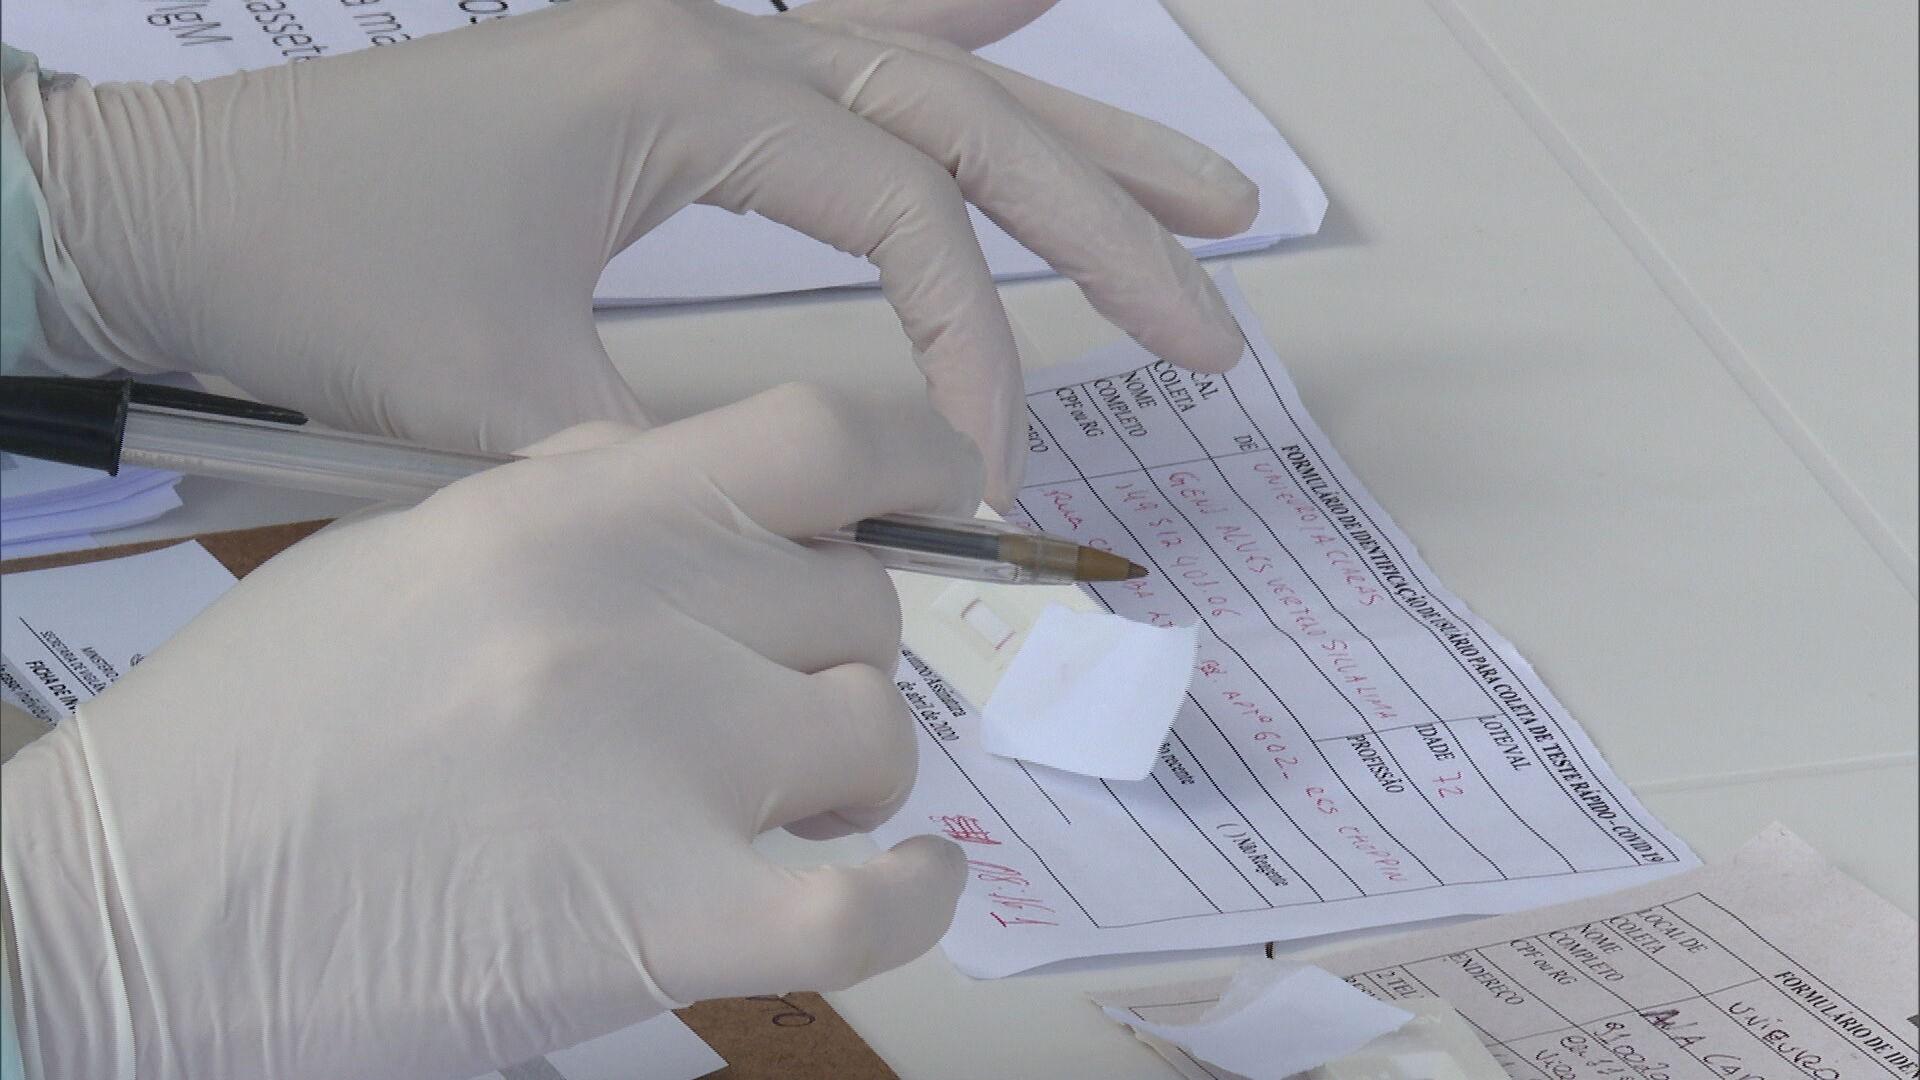 Coronavírus: prefeituras da região de Campinas confirmam novos casos nesta sexta-feira, 25 de junho